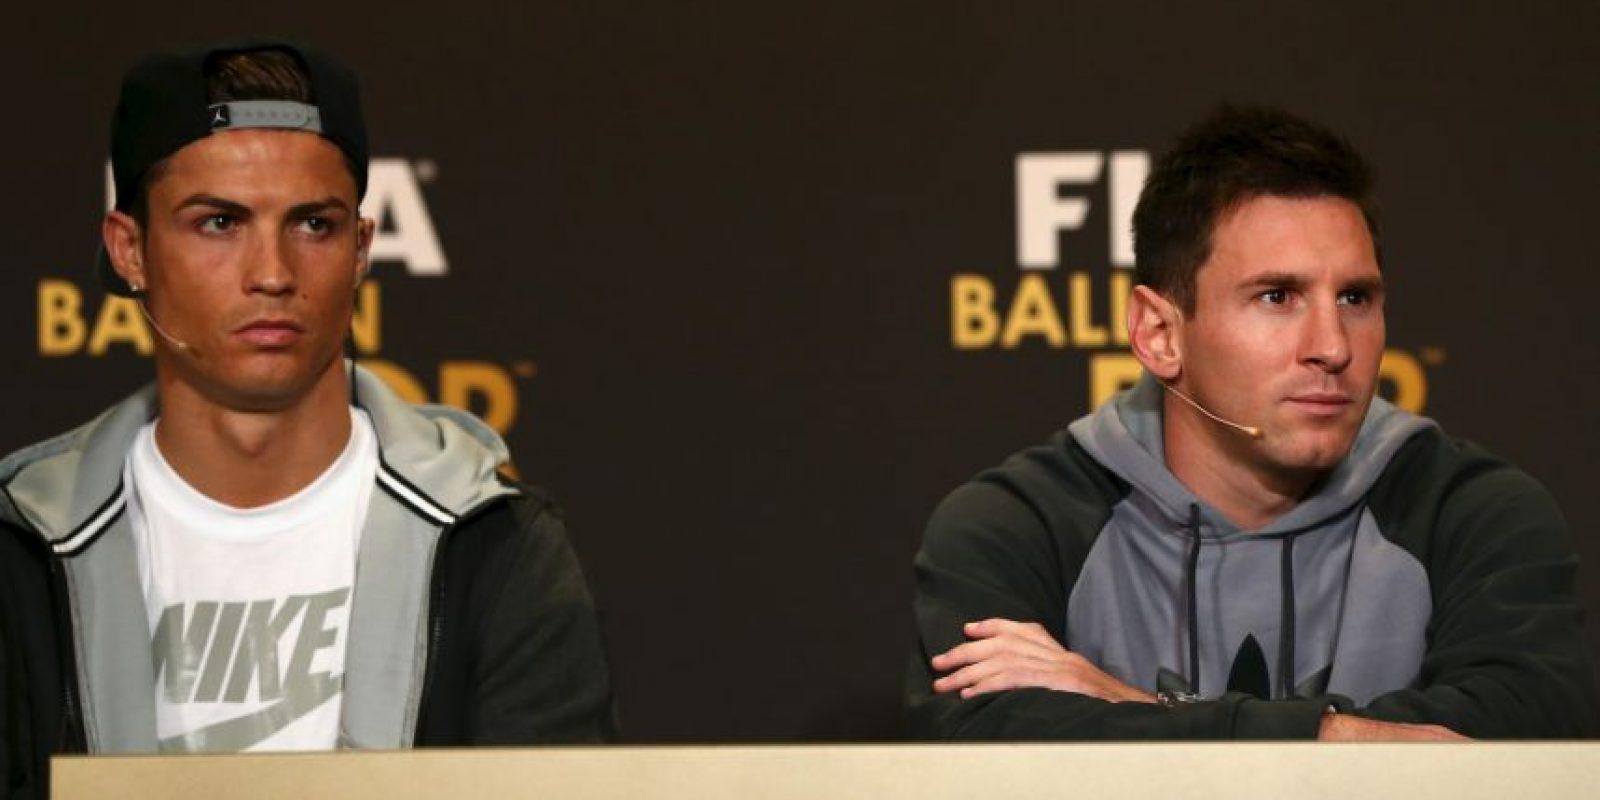 Su primer encuentro se dio en el Balón de Oro 2007, para el cual ambos fueron nominados aunque el premio en aquélla ocasión fue para el brasileño Kaká. Foto:Getty Images